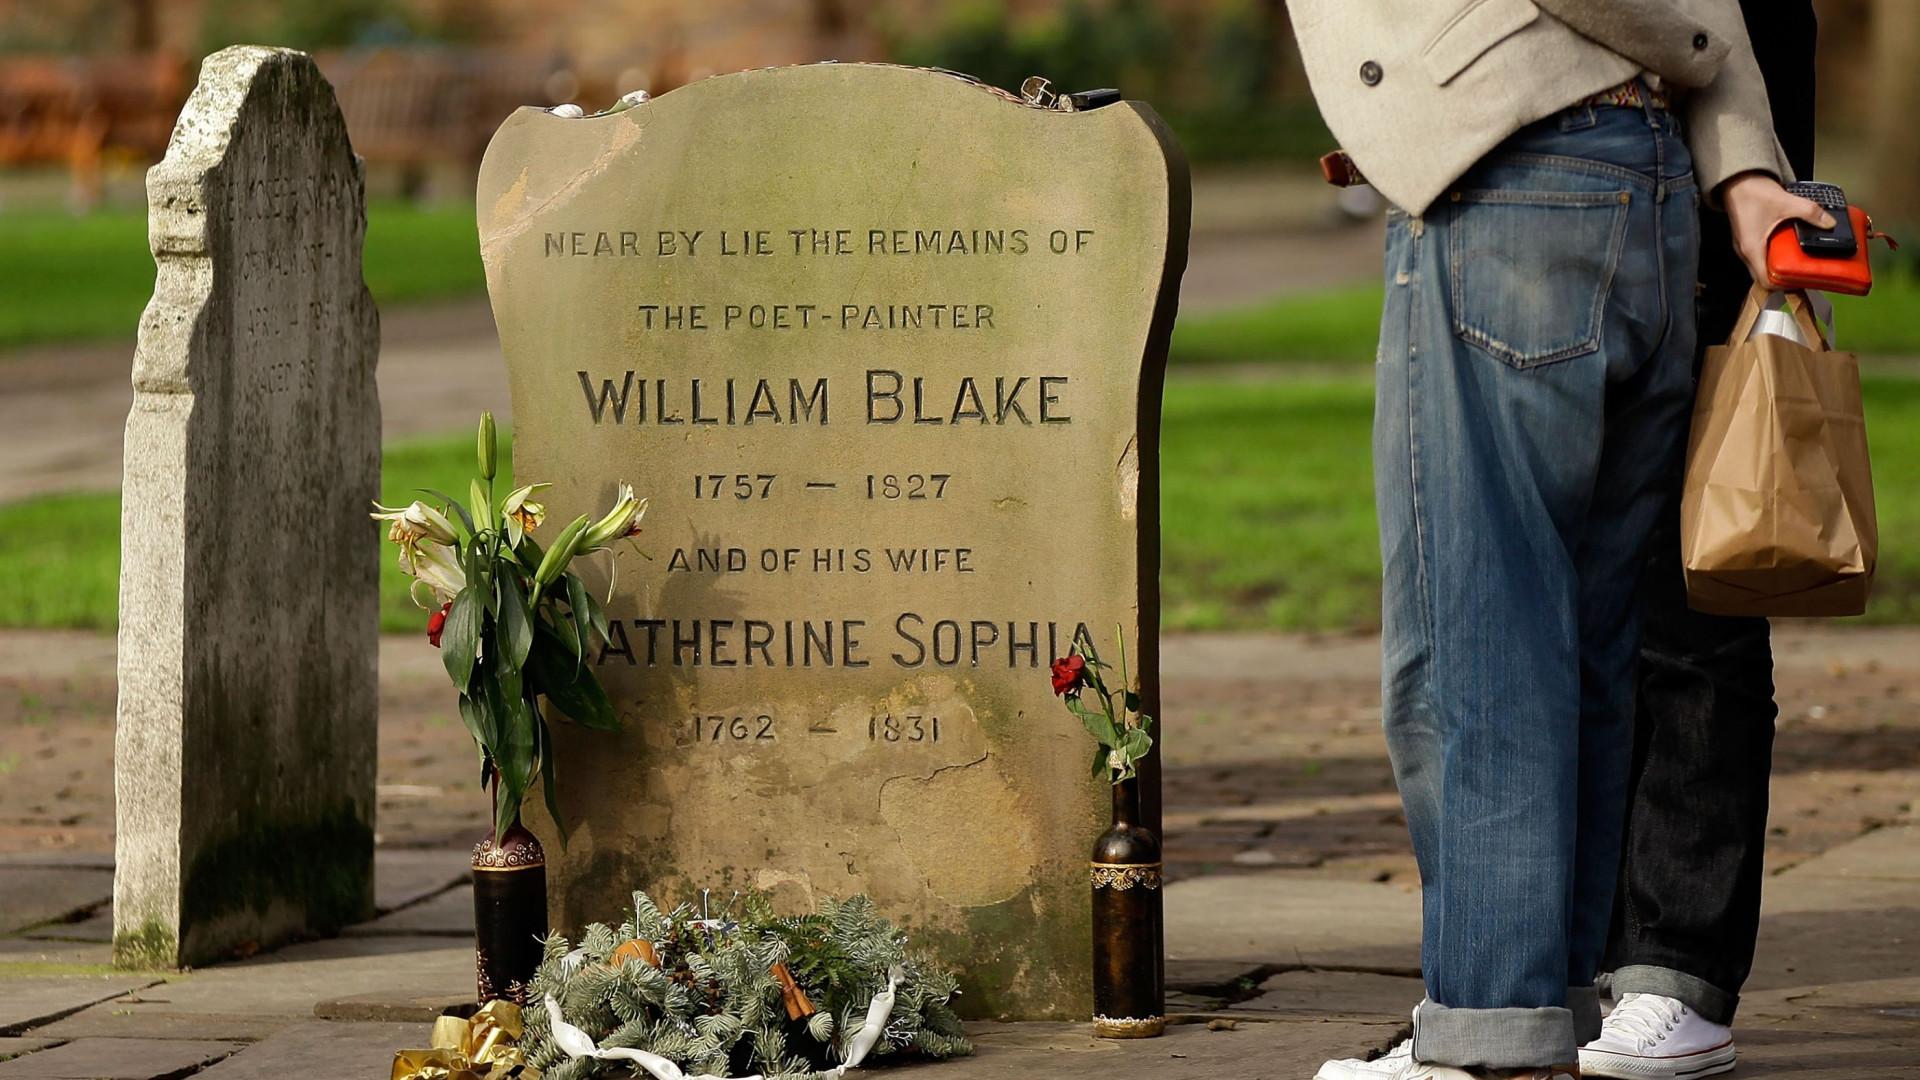 Inaugurada campa real de William Blake, descoberta por casal português